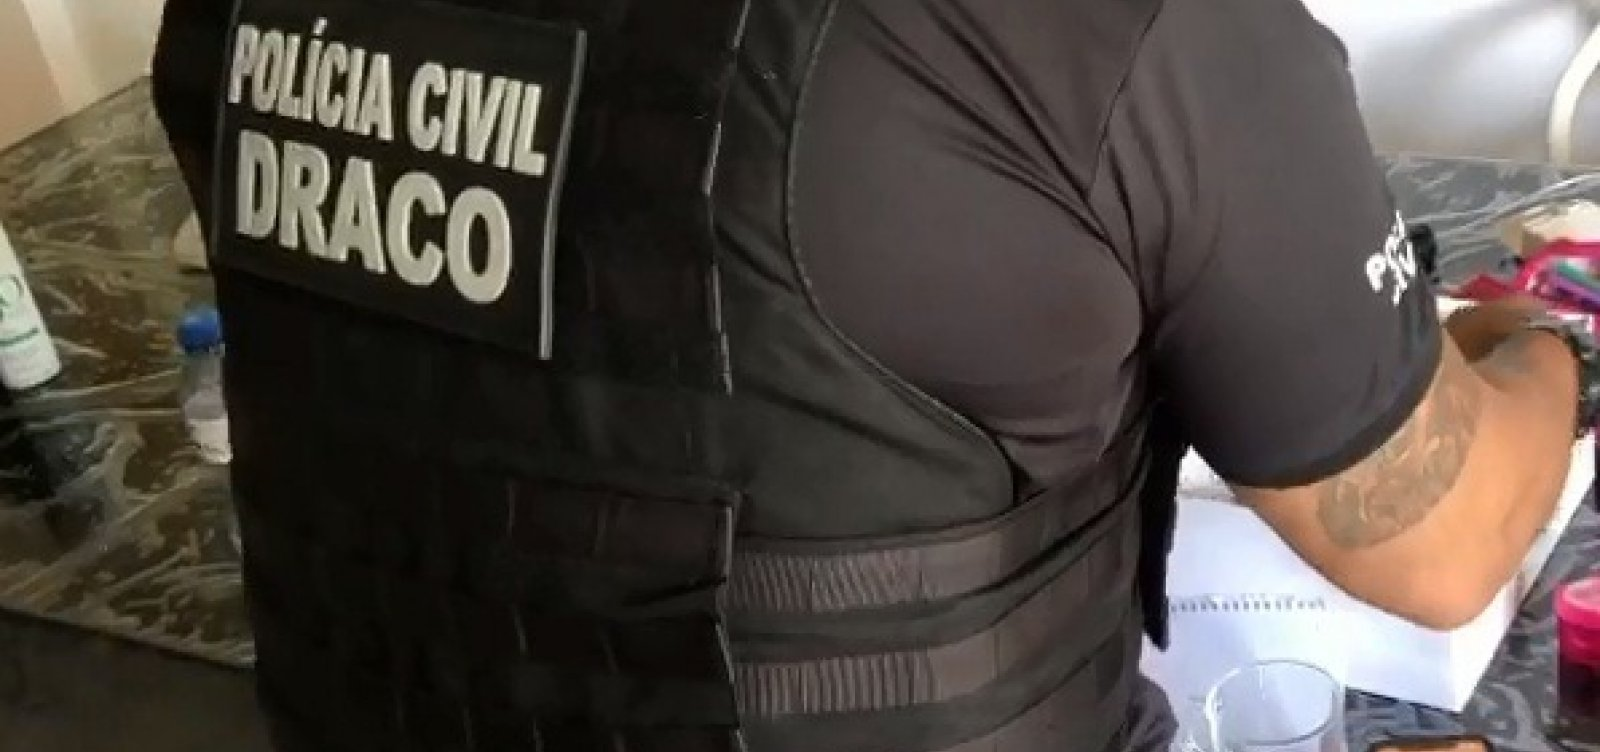 Polícia prende chefe de quadrilha que explodiu bancos no interior